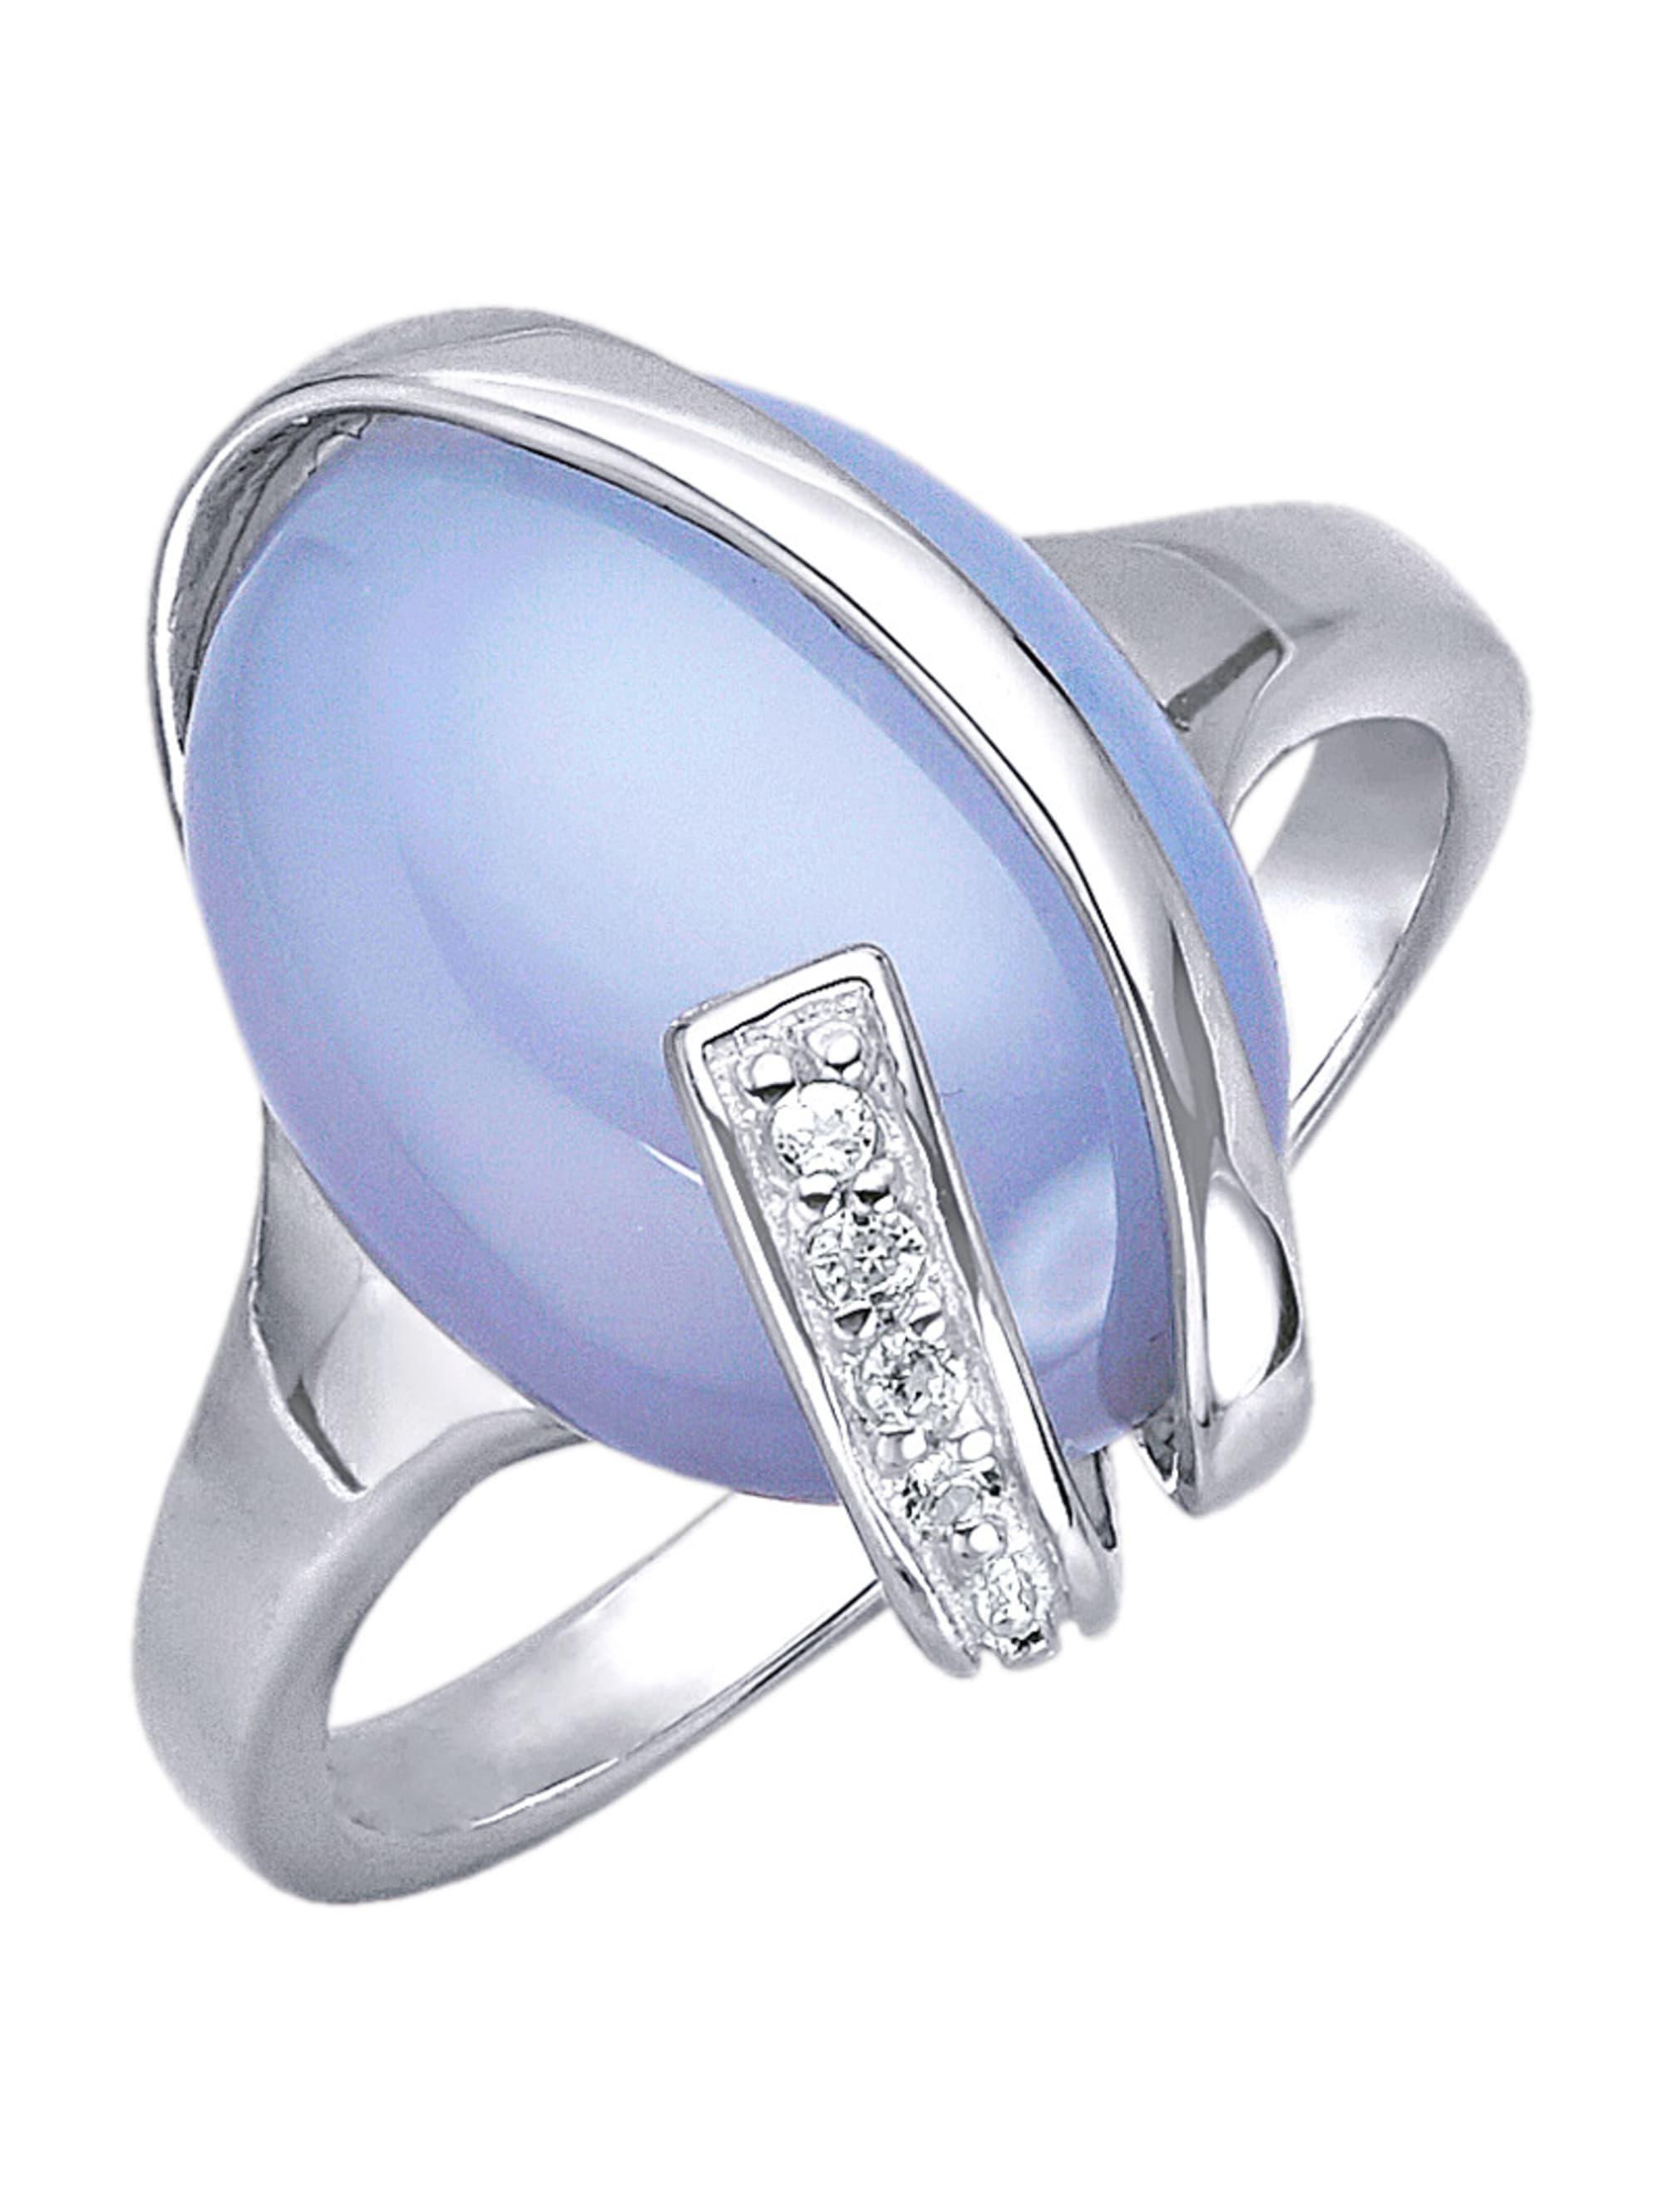 Damenring in Silber 925 f56Z4